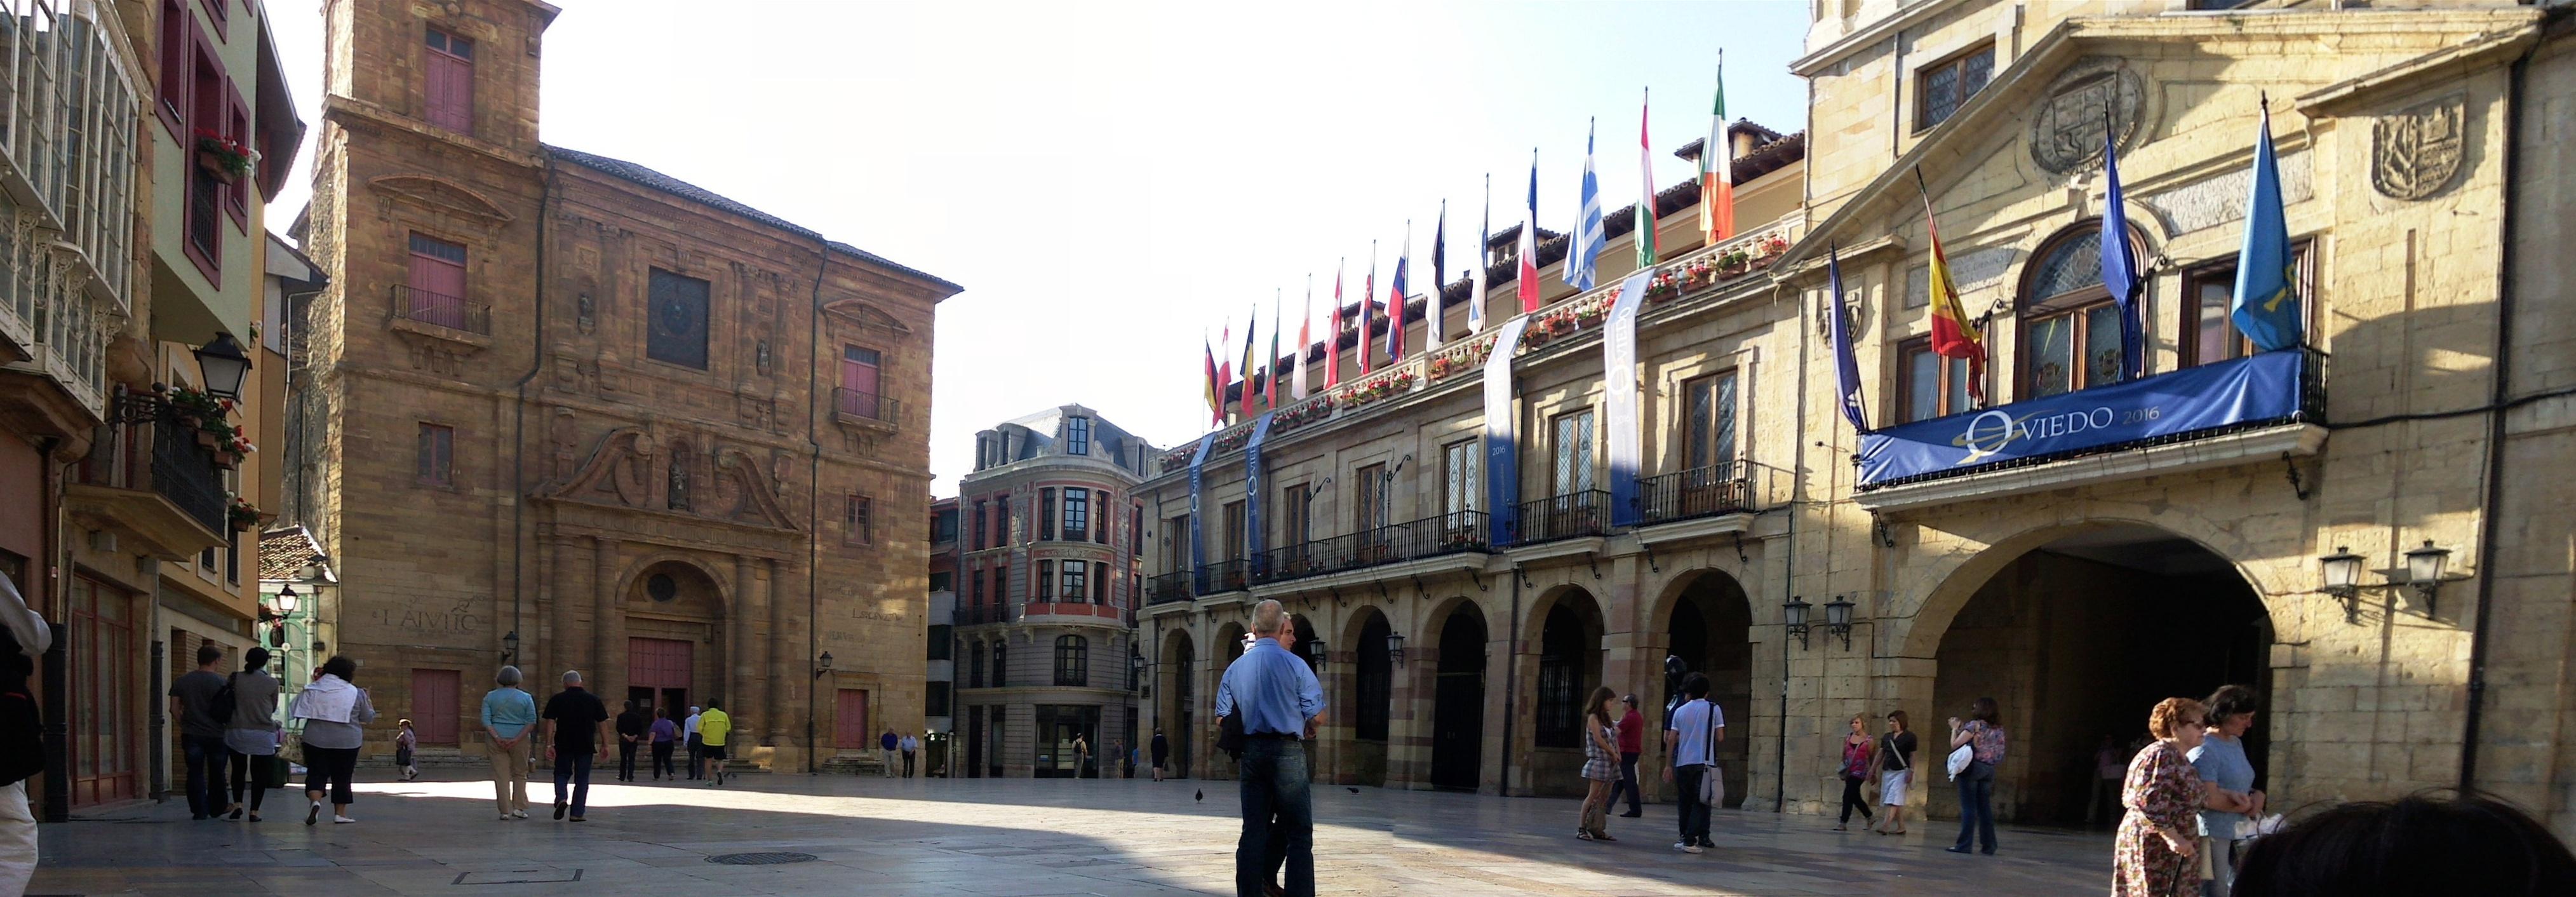 Oviedo plaza del ayuntamiento fotos de oviedo - Muebles en oviedo asturias ...